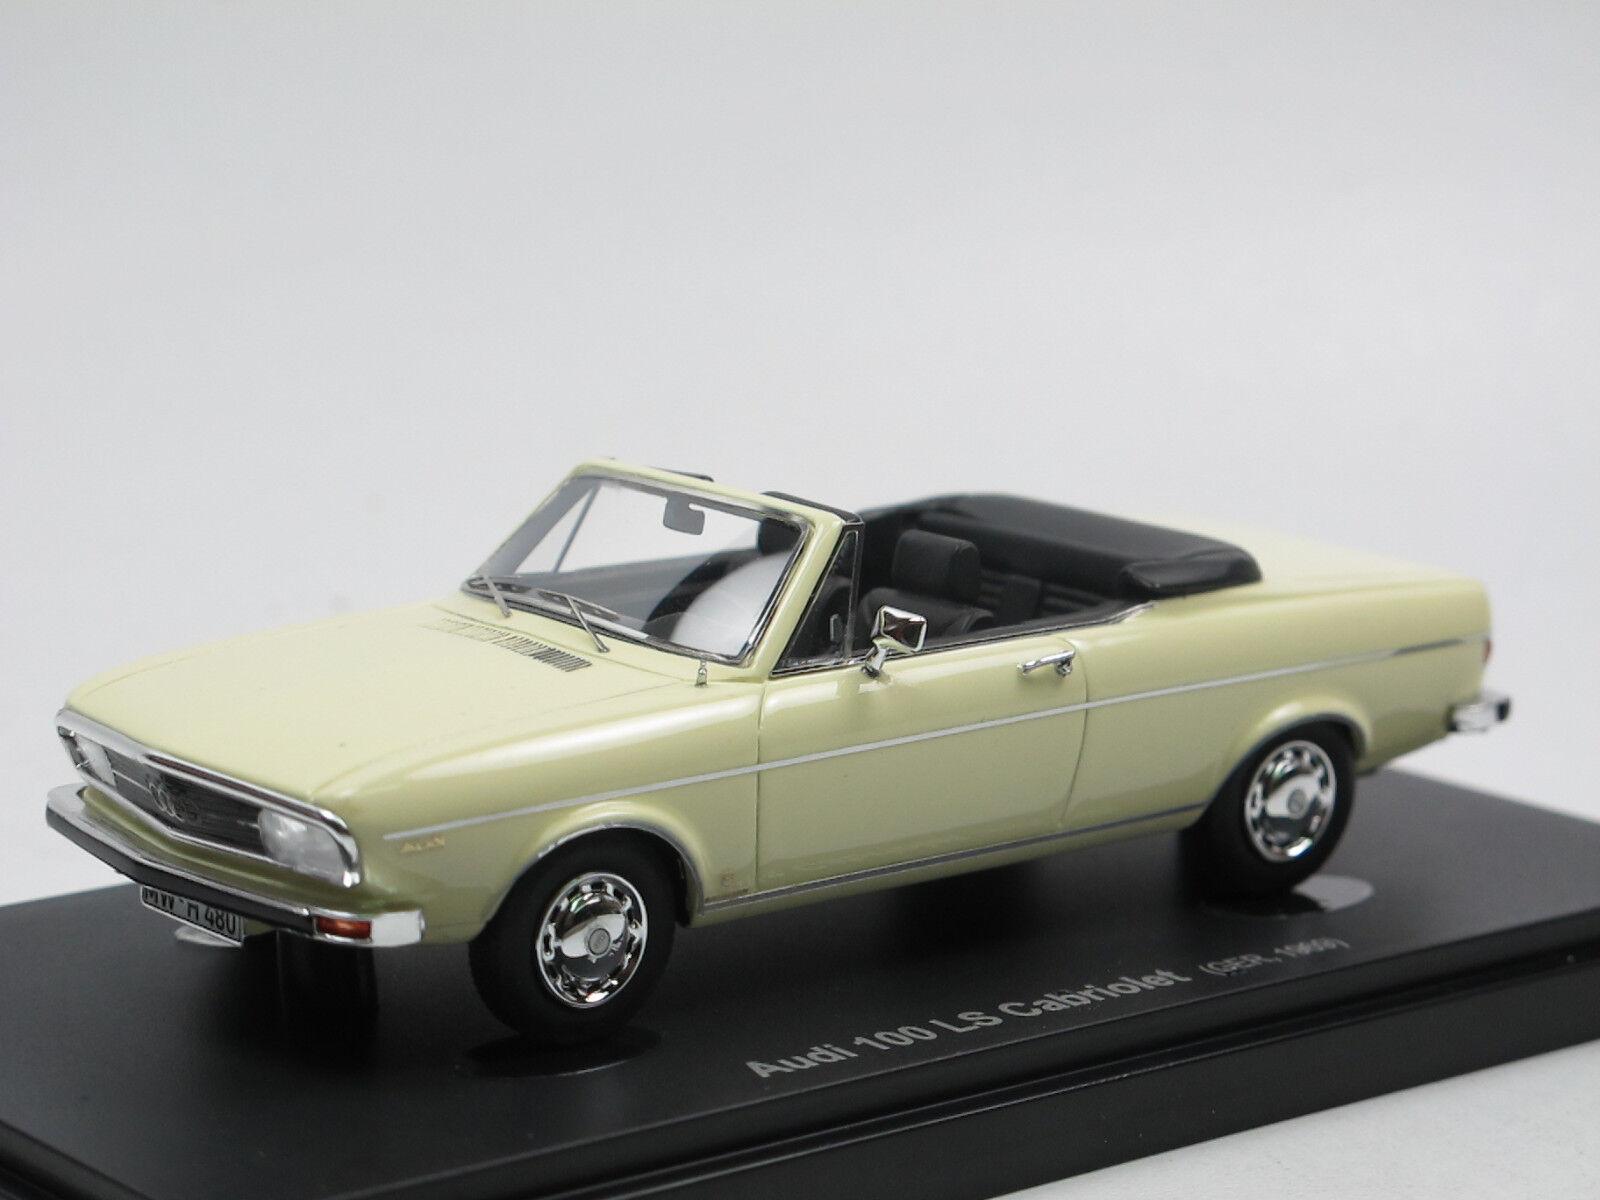 AVENUE 43 - 1969I 100 LS Cabriolet crème 1 43 autocult Limited Edition